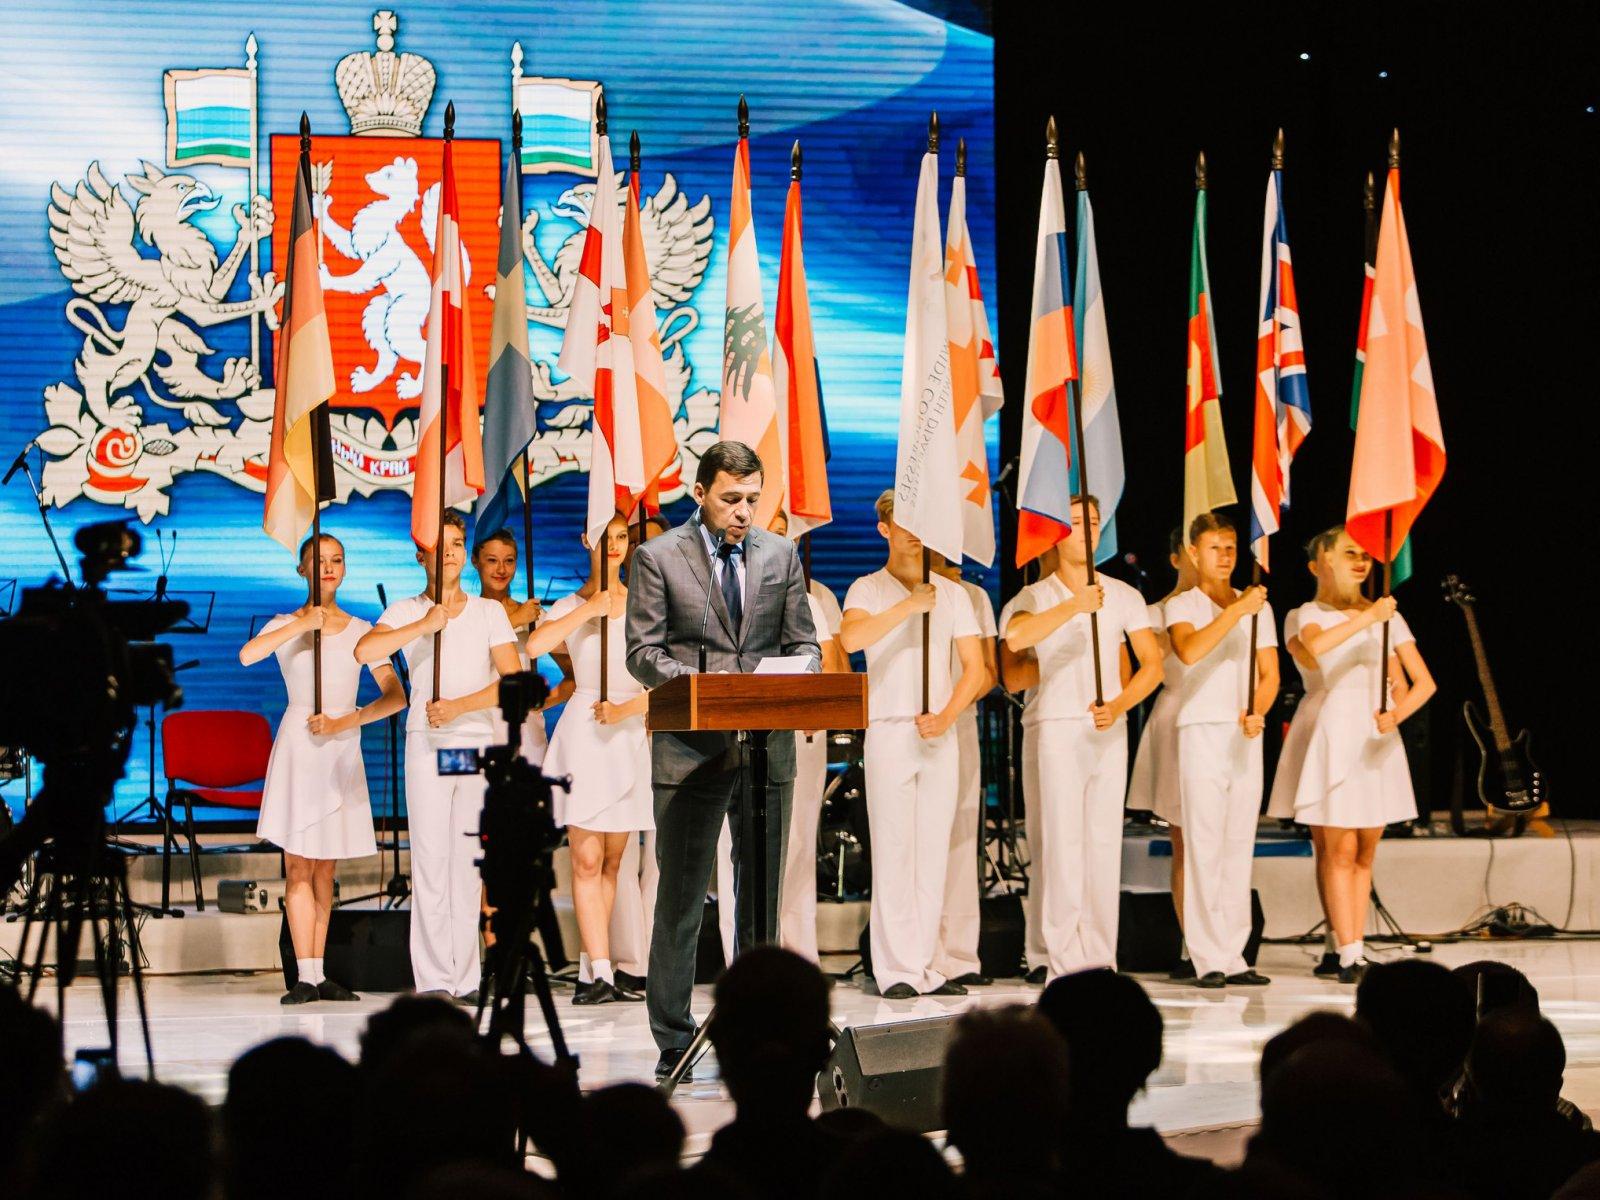 Евгений Куйвашев передал теплые слова Президента России делегатам Всемирного конгресса людей с ограниченными возможностями здоровья